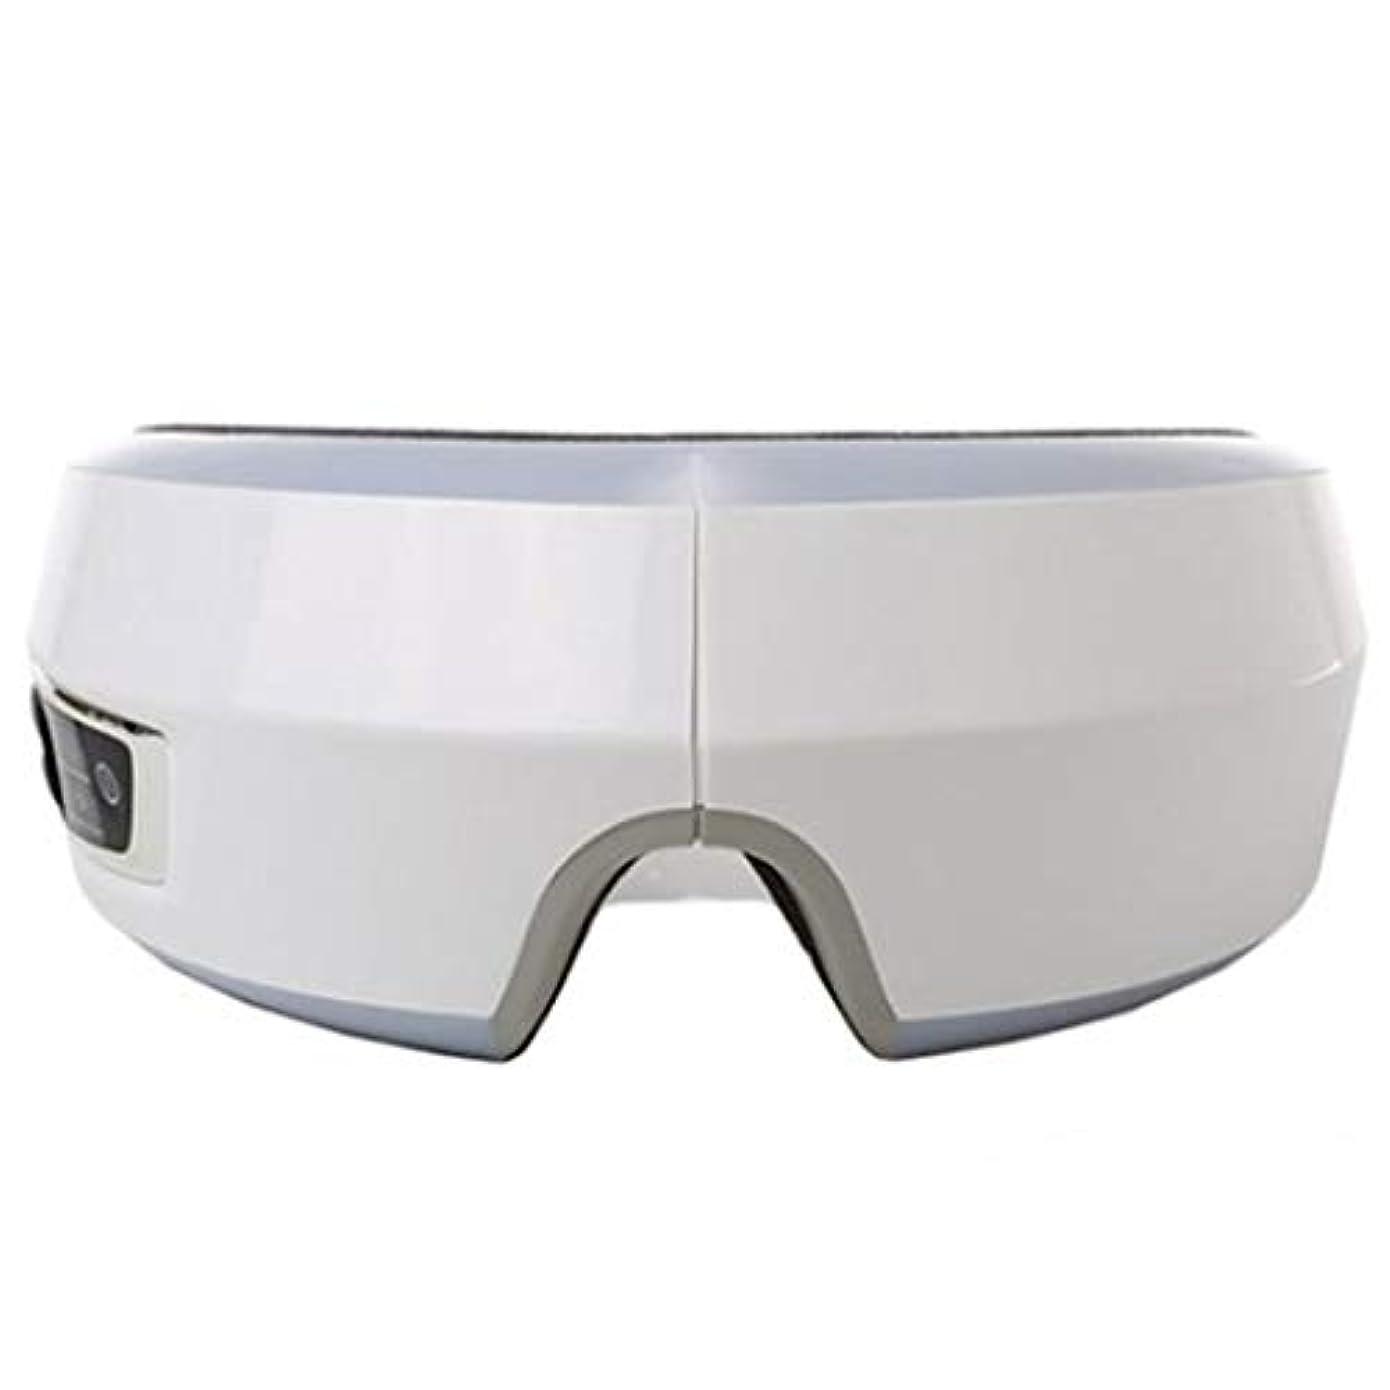 椅子セール入学するZESPAアイヒーリングソリューションアイマッサージャー振動加熱マッサージ音楽機能ZP441 ZESPA Eye Healing Solution Eye Massager Vibration Heating Massage...